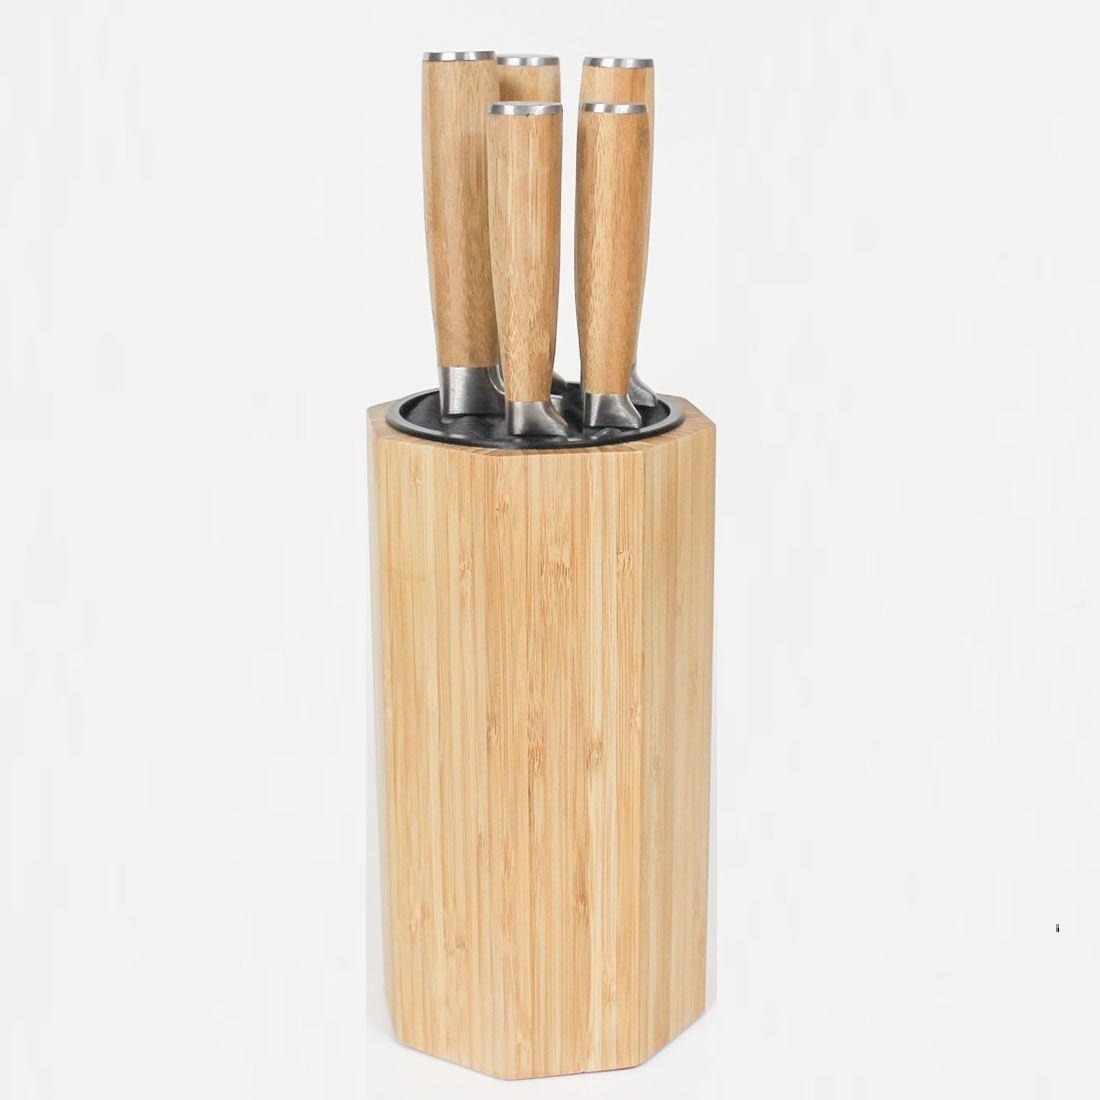 Suporte para facas em Bambu (não Inclusas)